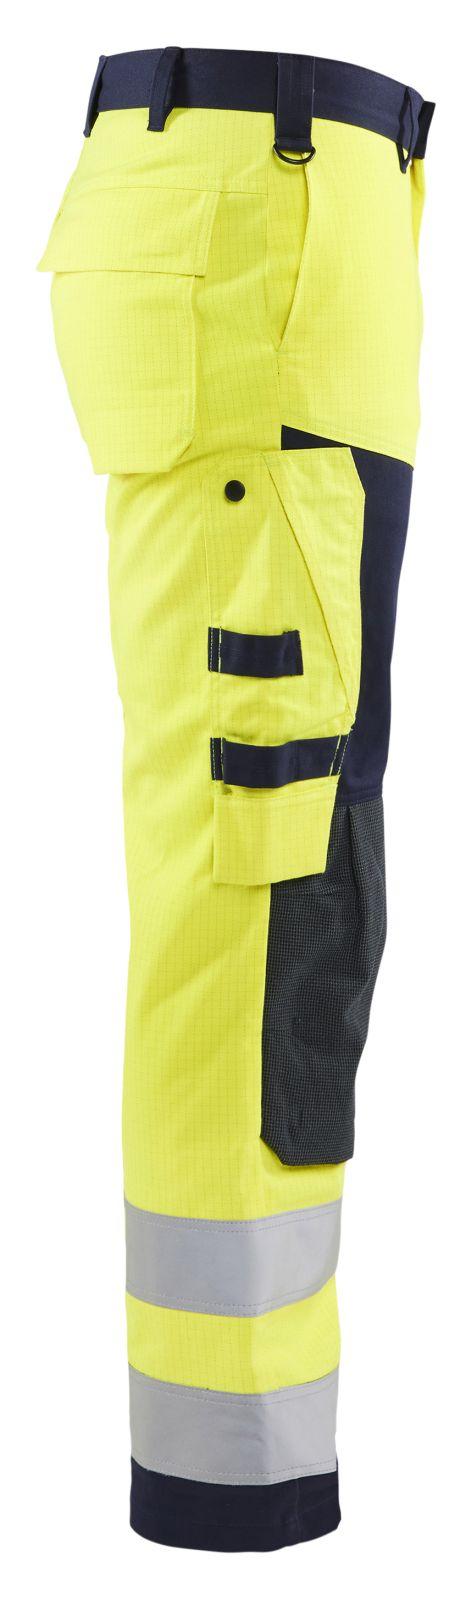 Blaklader Werkbroeken 15781514 Multinorm geel-marineblauw(3389)